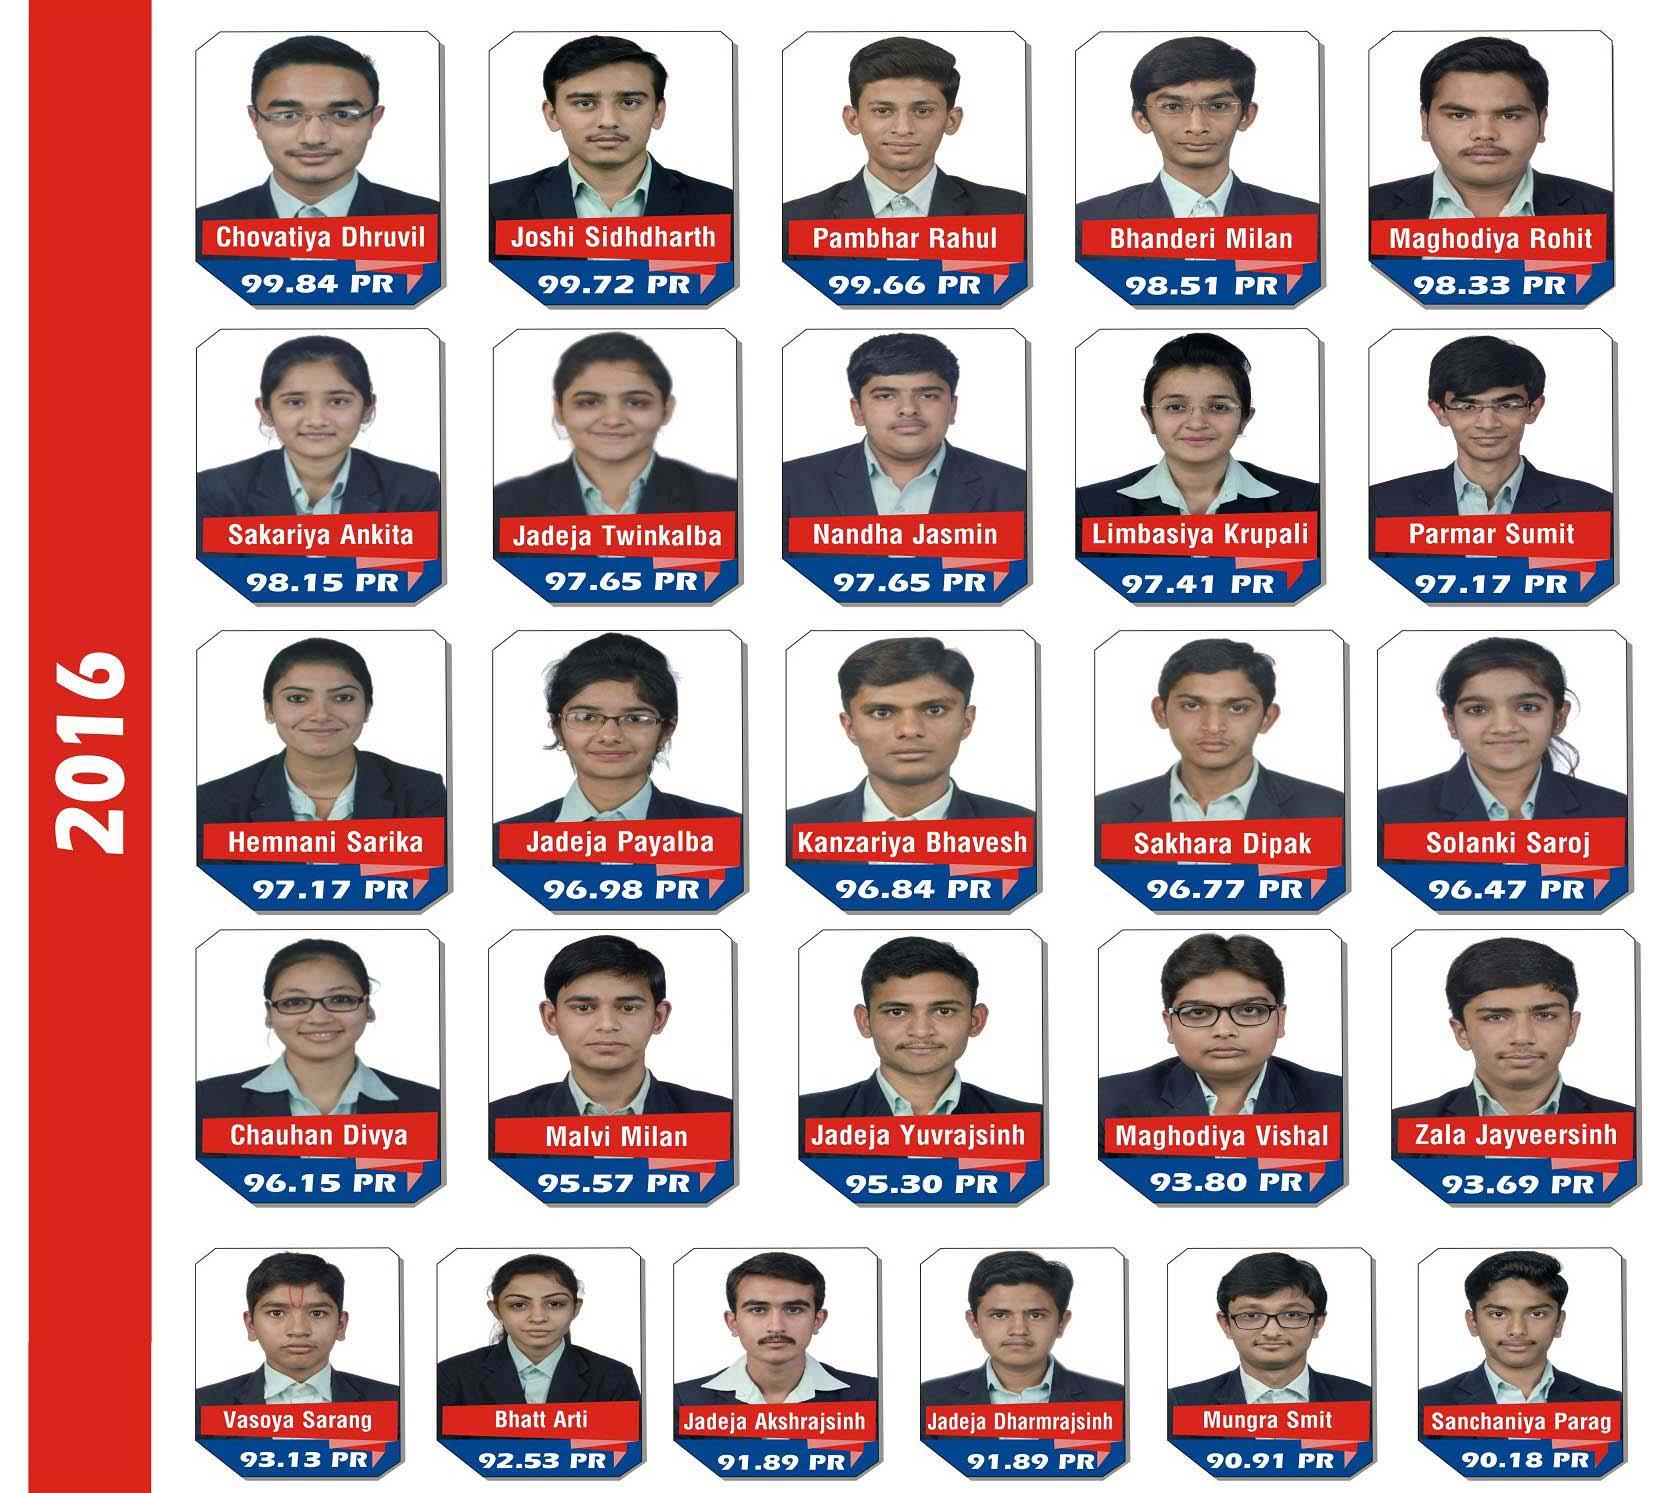 krishna schools Commerce Result of 2016